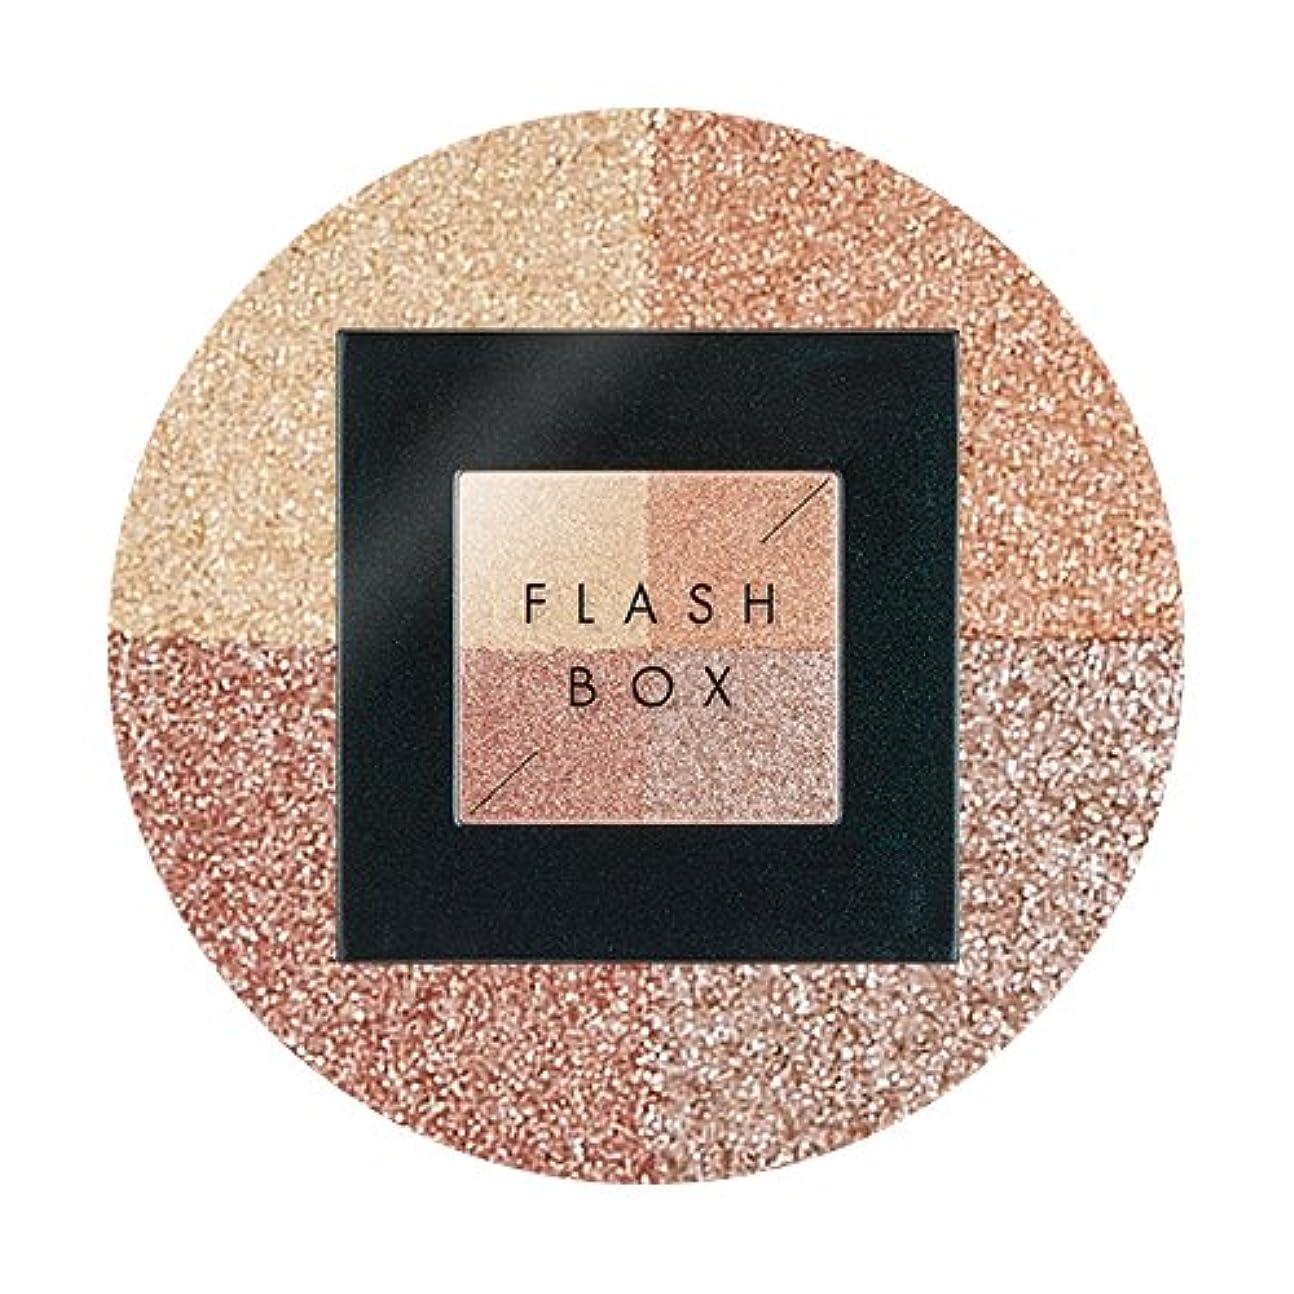 試験残る日帰り旅行にAPIEU Flash Box (#2 Lustering Time) / [アピュ/オピュ] フラッシュボックス [並行輸入品]